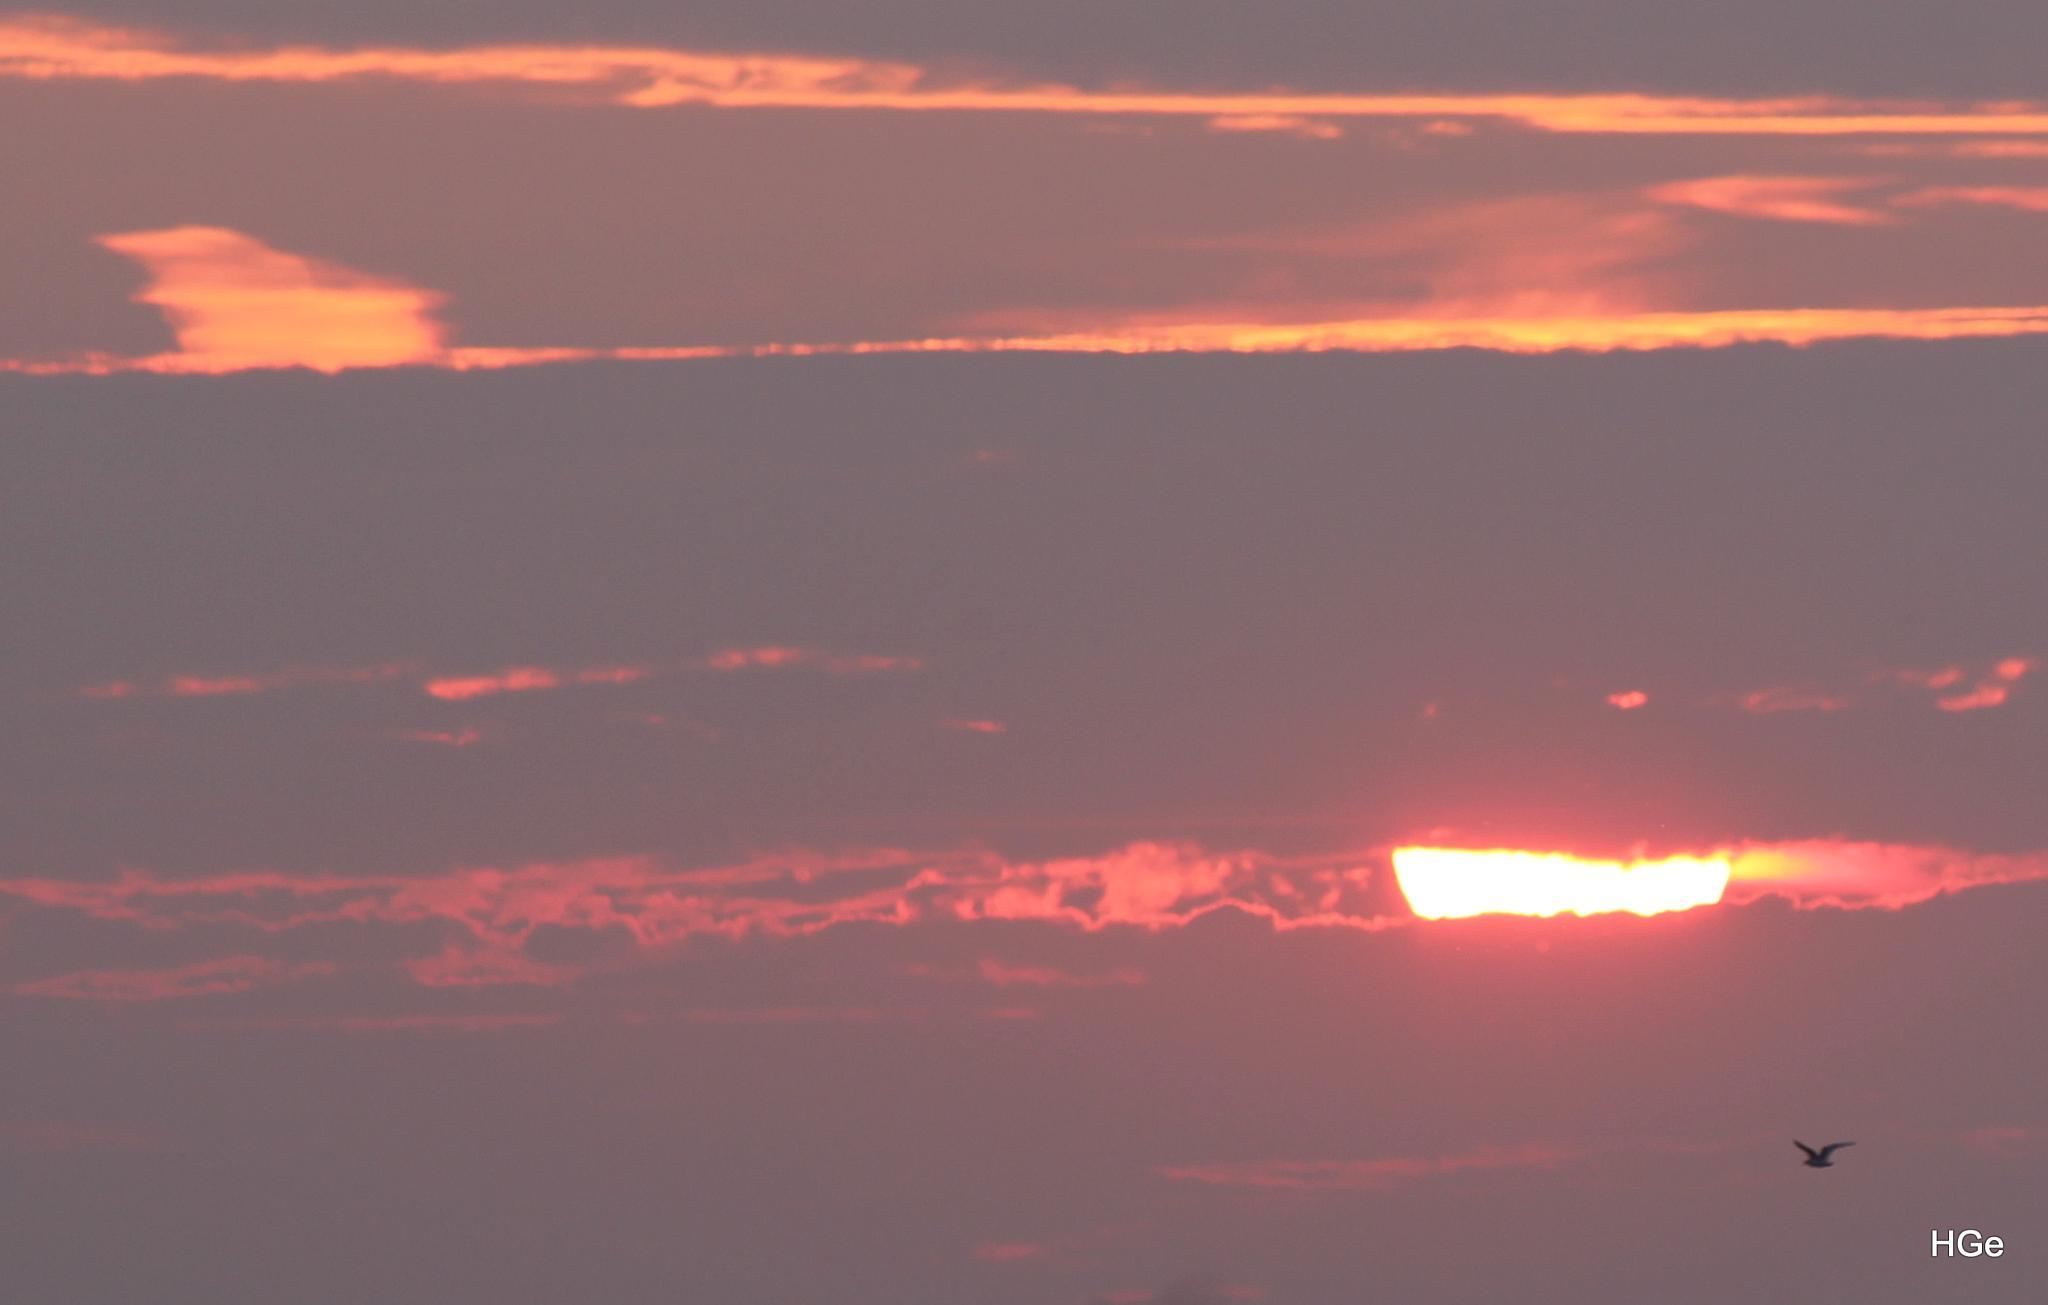 Sunset Wolderwijd near Harderwijk by Henry Geerling